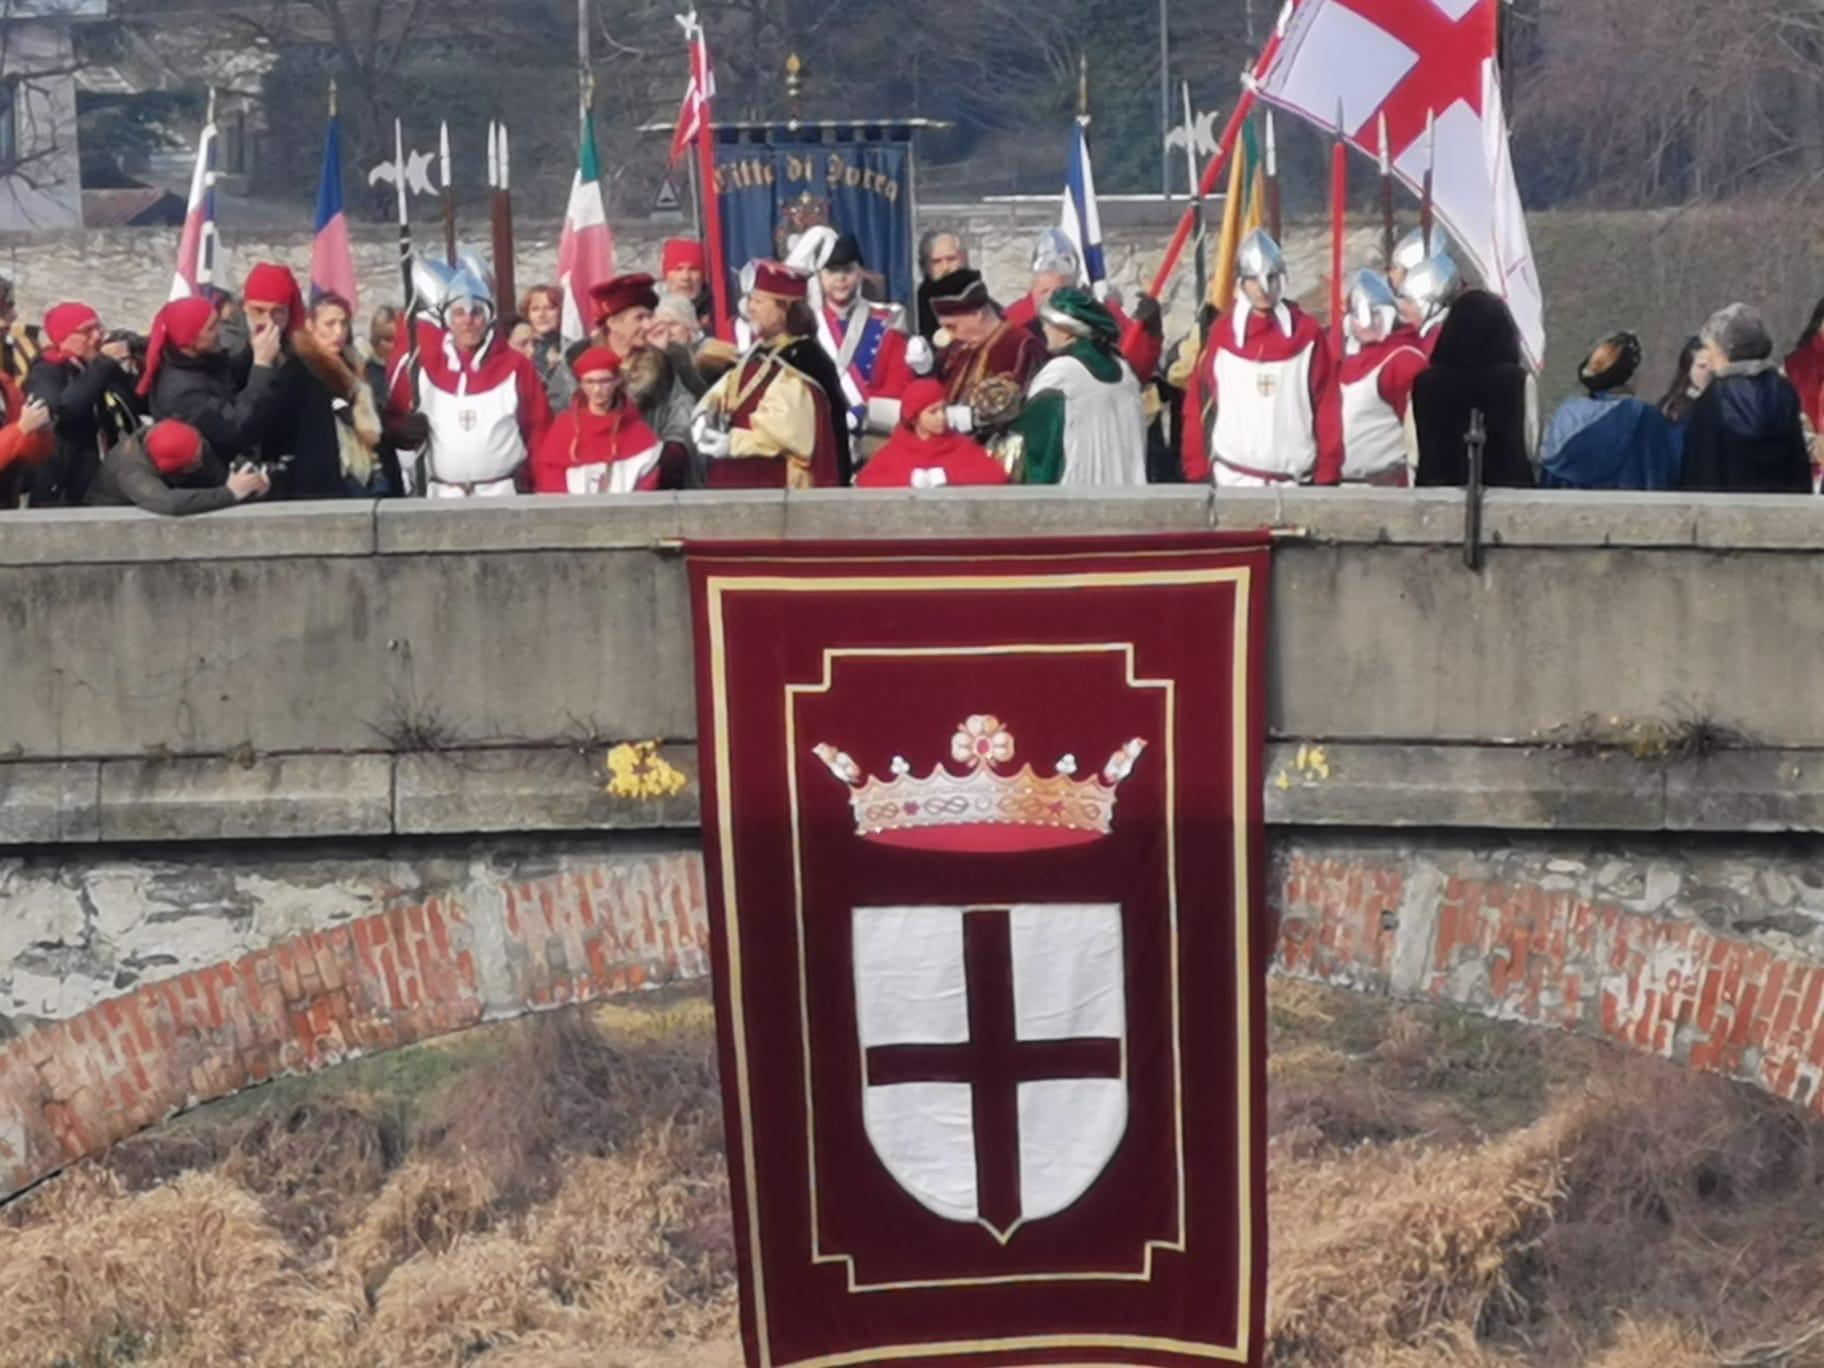 CARNEVALE DI IVREA - La cerimonia della preda in Dora apre la domenica della battaglia delle arance - FOTO e VIDEO